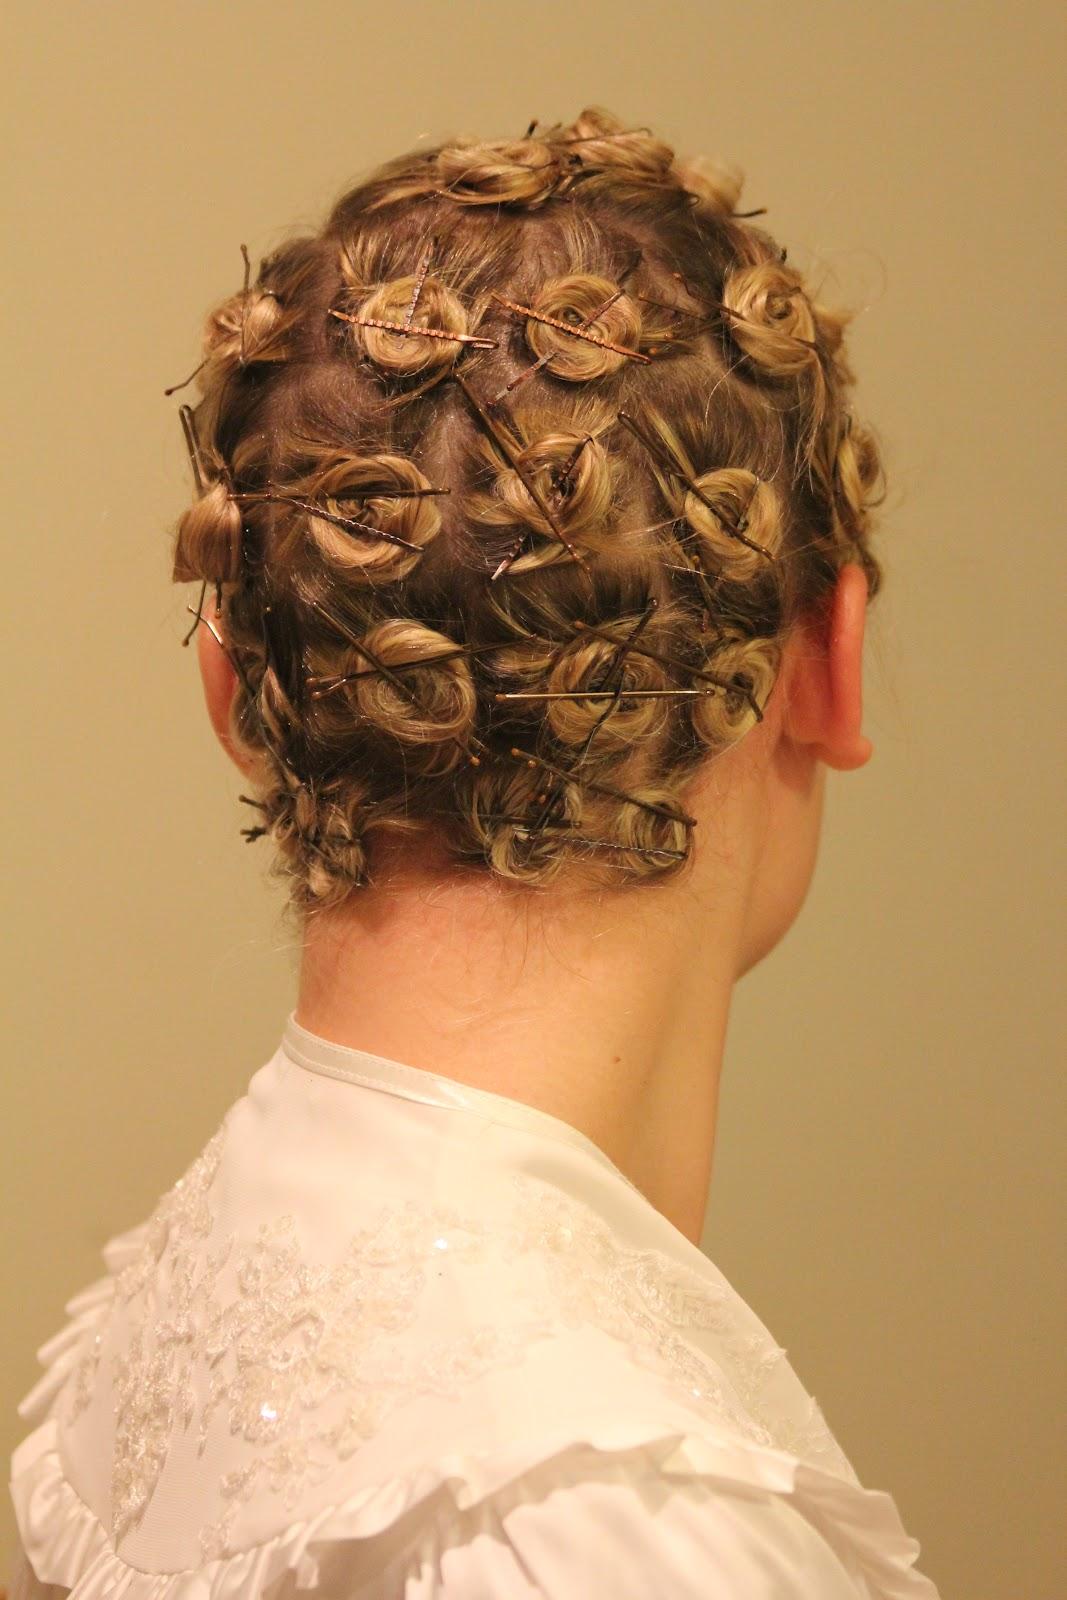 Pin Curls Black Hair Hair setting and pincurls